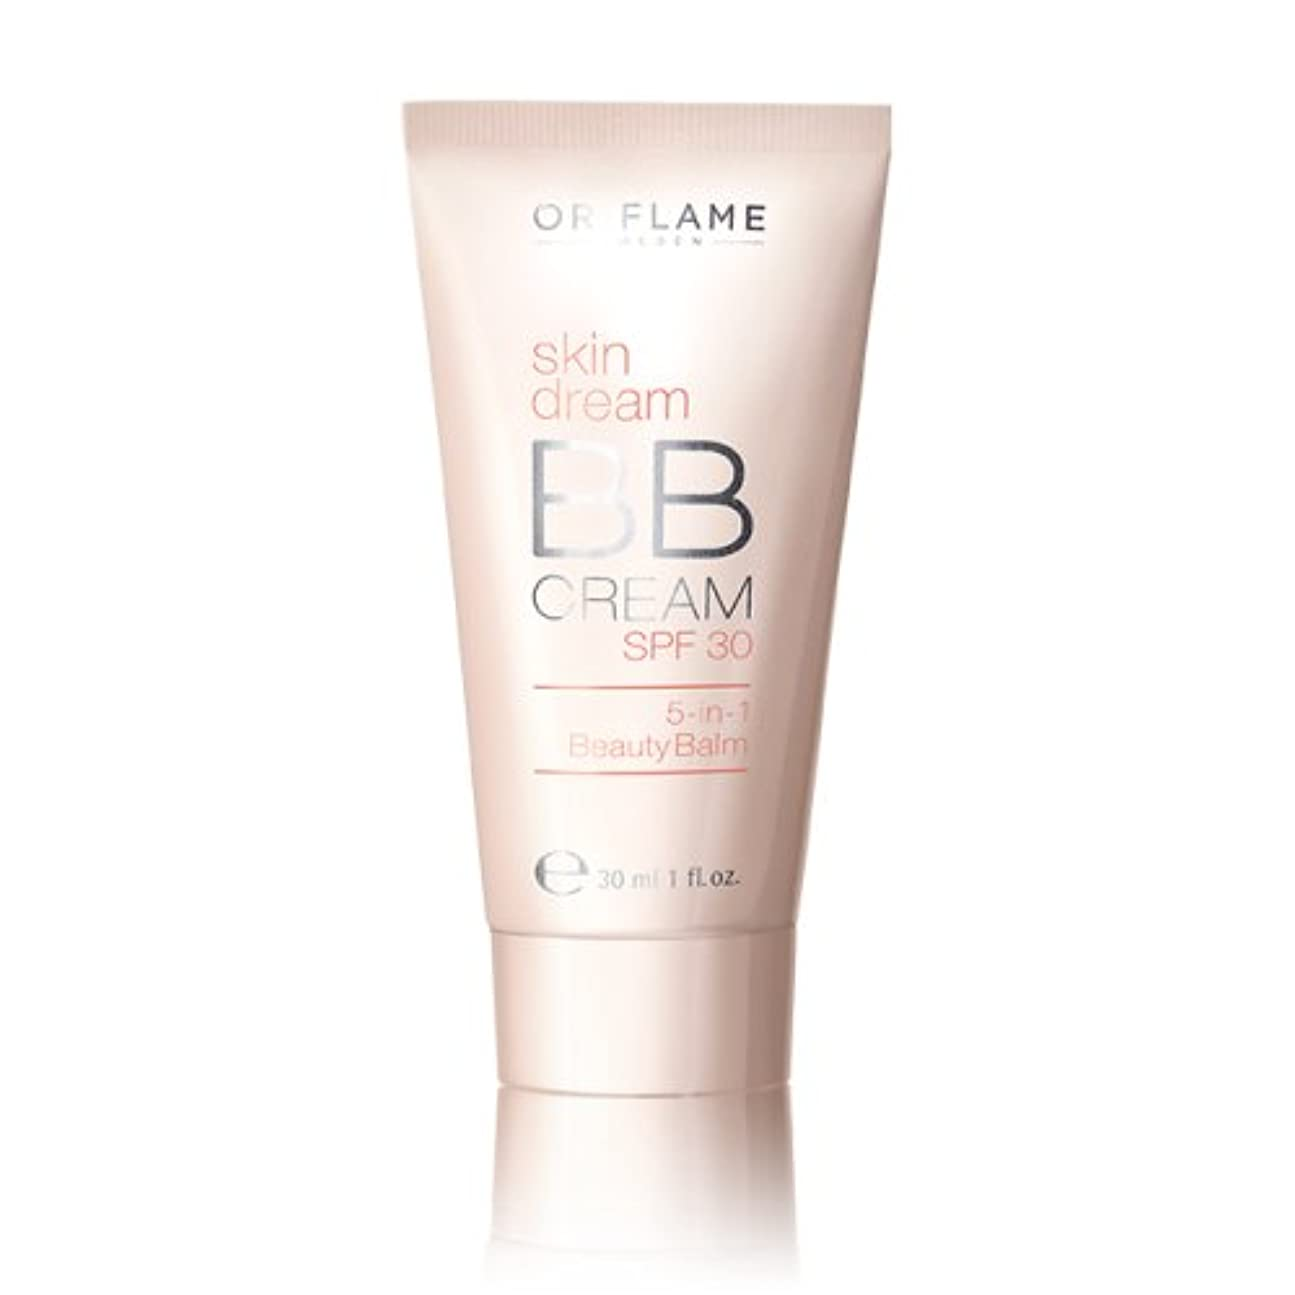 頭蓋骨意図的言及するOriflameスキンDream BBクリーム( 30 ml )